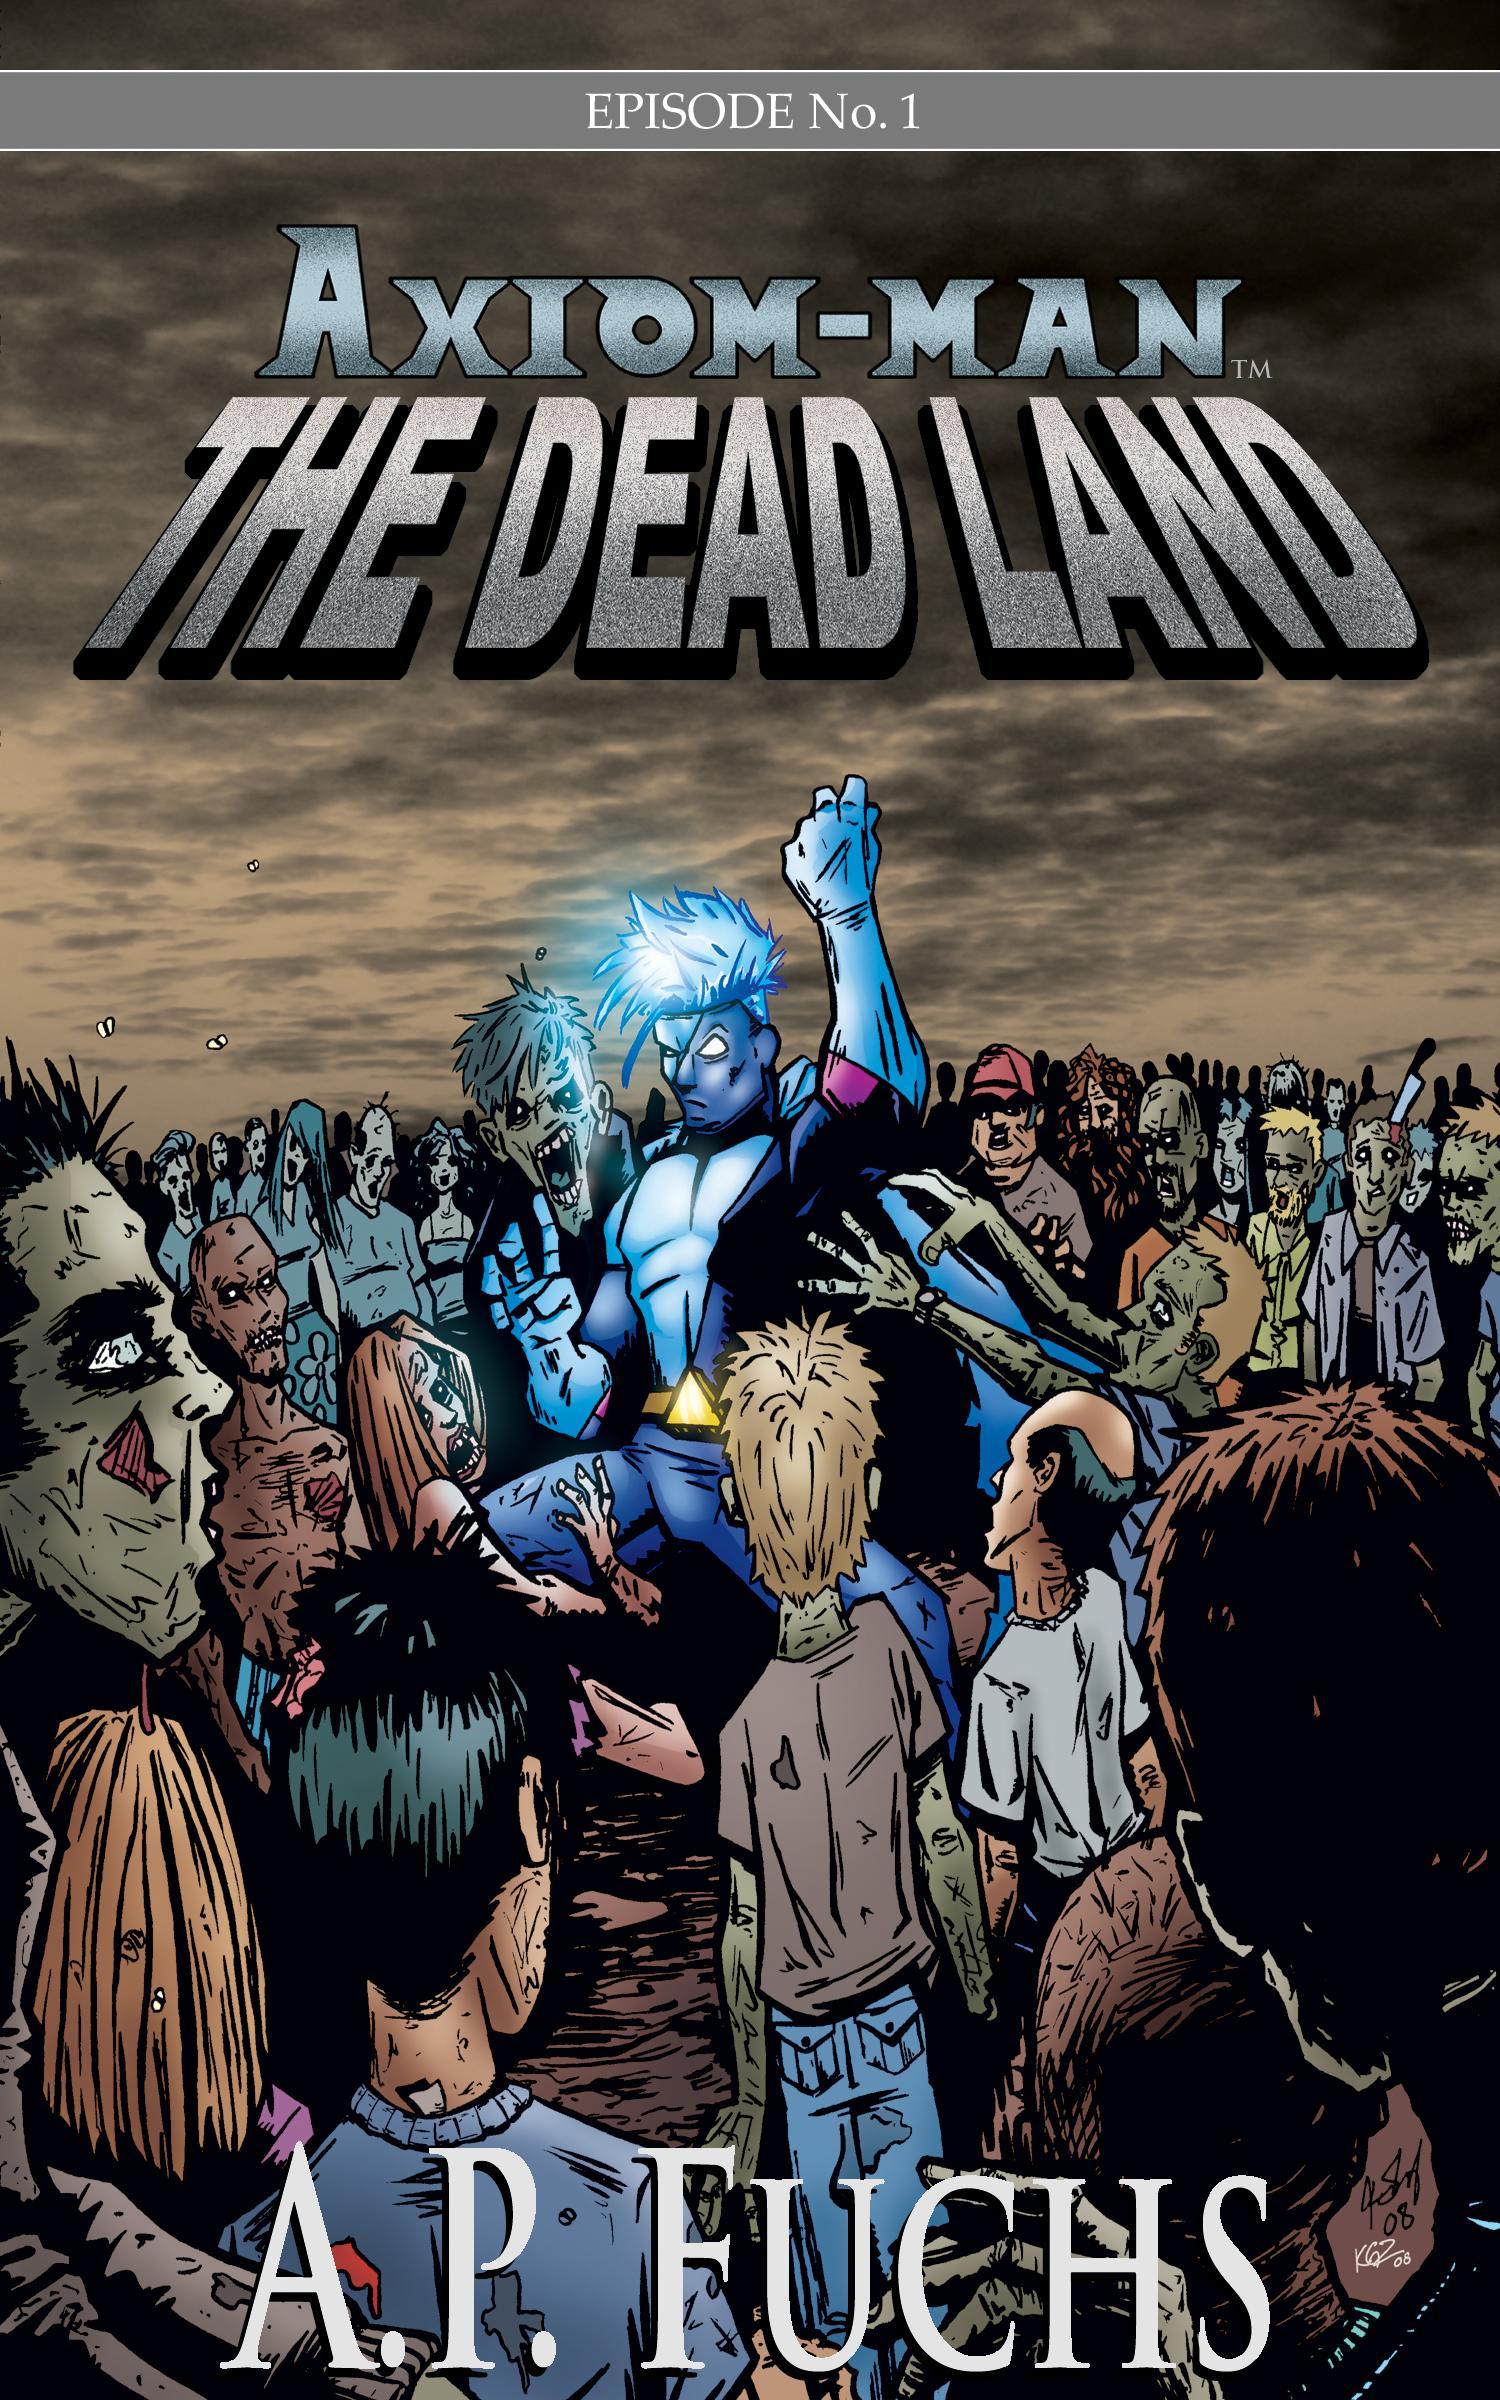 The Dead Land: A Superhero/Zombie Novel [Axiom-man Saga Episode No. 1]